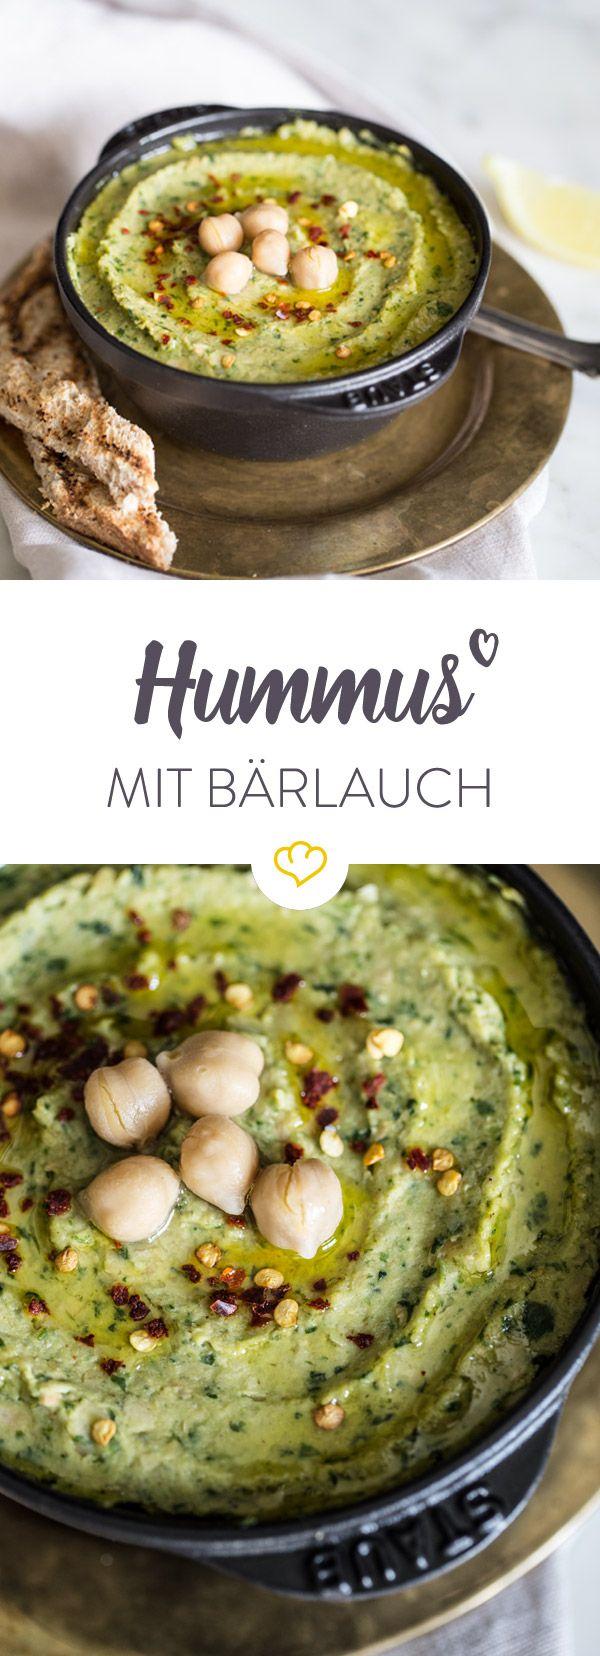 Kichererbsen und Bärlauch sind die Hauptkomponenten in dieser cremigen Hummus-Variante. Aromatisch und schnell gemacht - einfach zum Reindippen! (Fitness Inspiration)